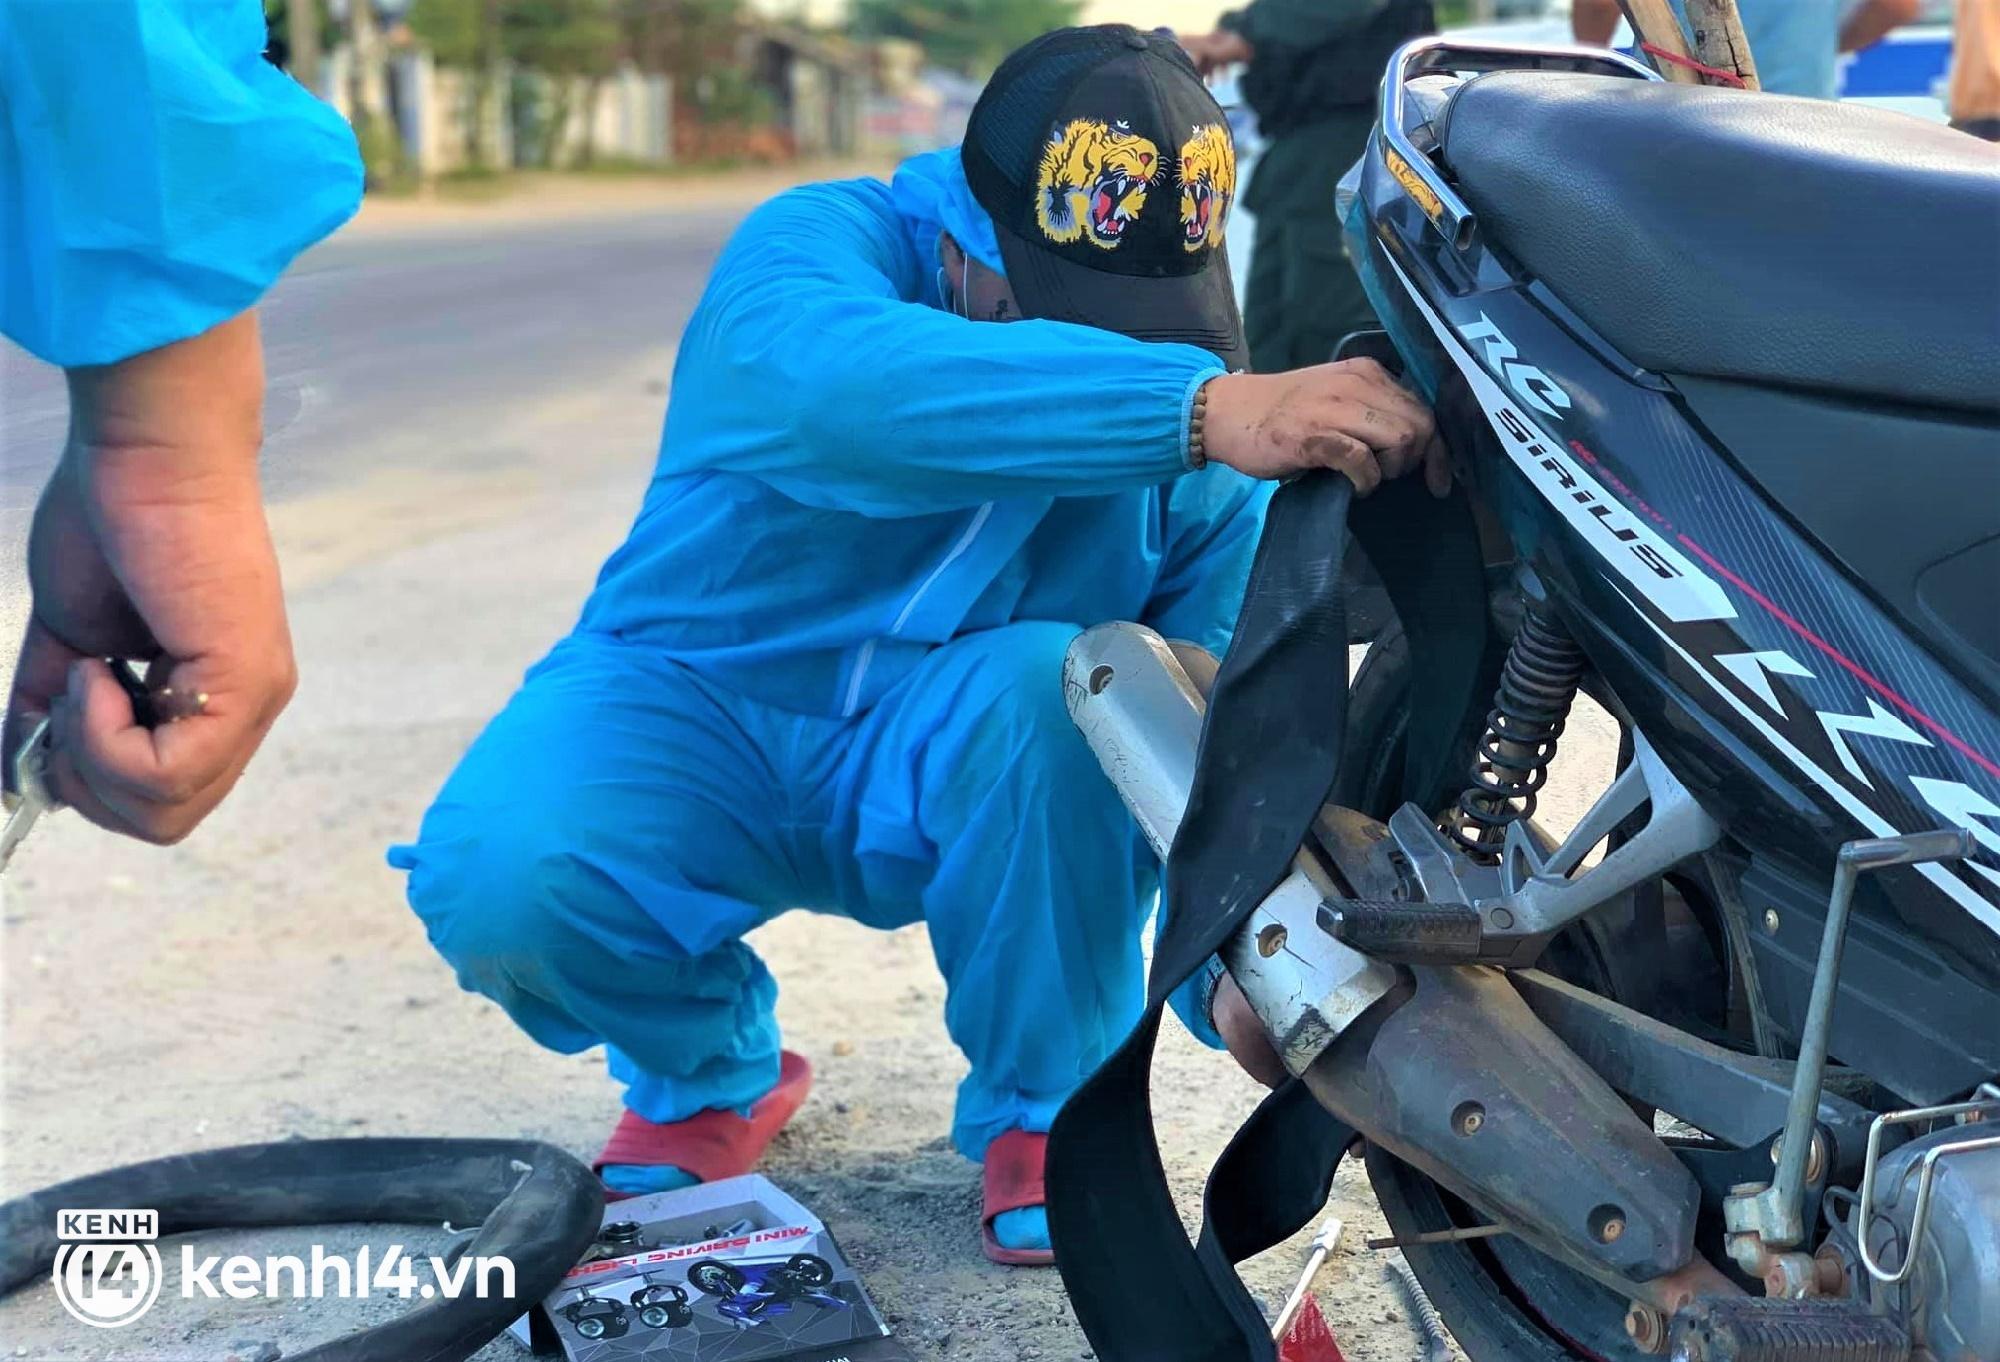 Biệt đội áo xanh xuyên đêm sửa xe miễn phí, tiếp sức cho người dân chạy xe máy từ TP.HCM về quê - Ảnh 3.